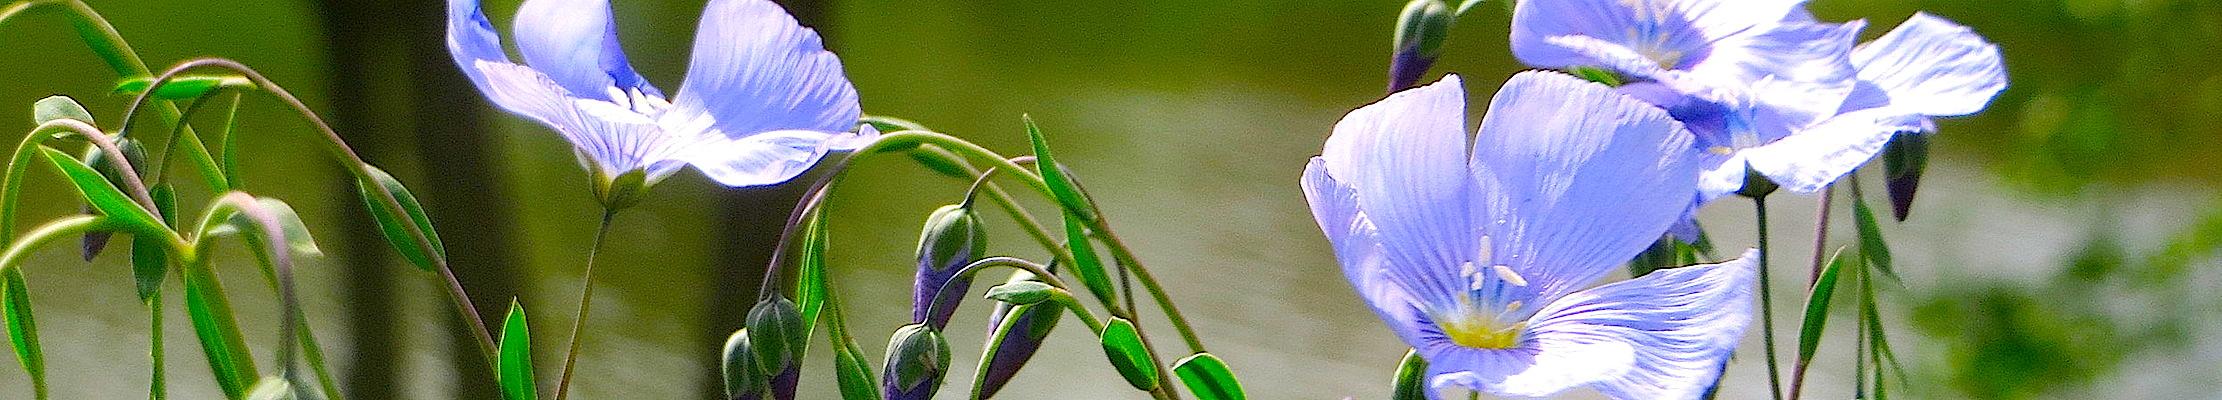 Цветение льна обыкновенного.